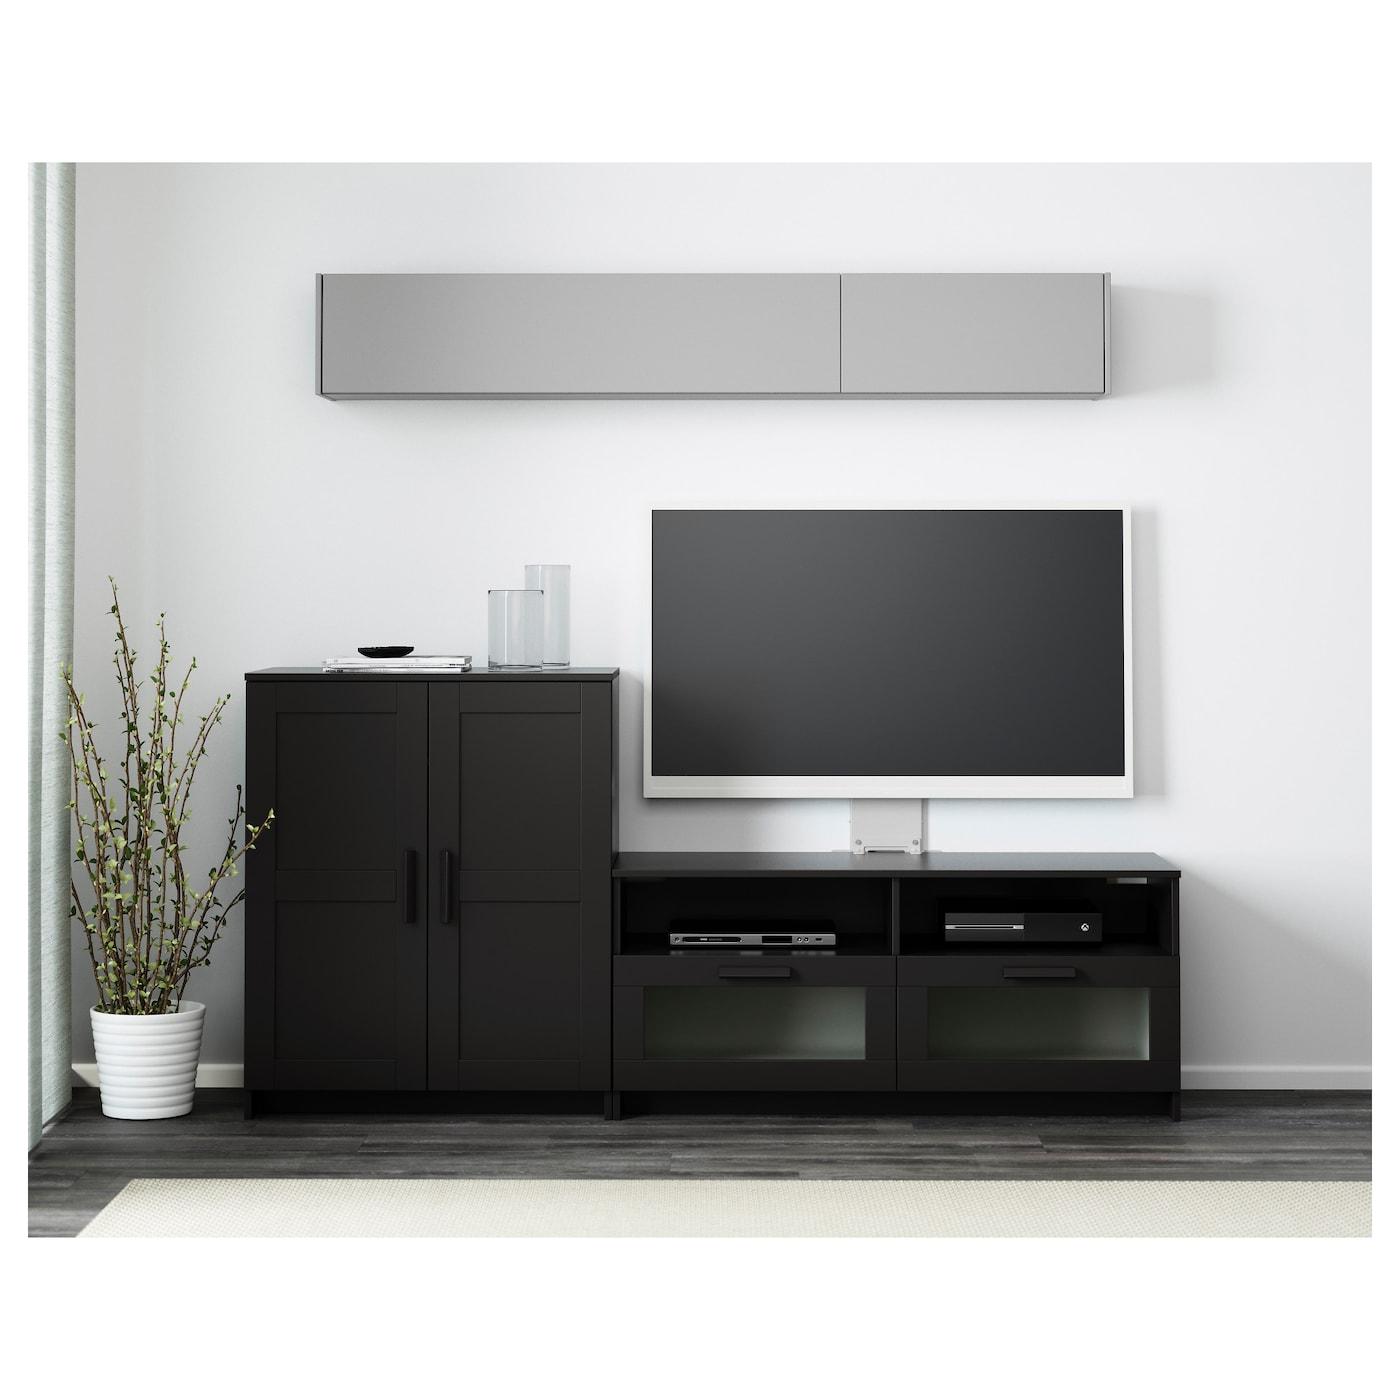 Brimnes Combinaison Meuble Tv Noir 200x41x95 Cm Ikea # Meuble Tele Noir